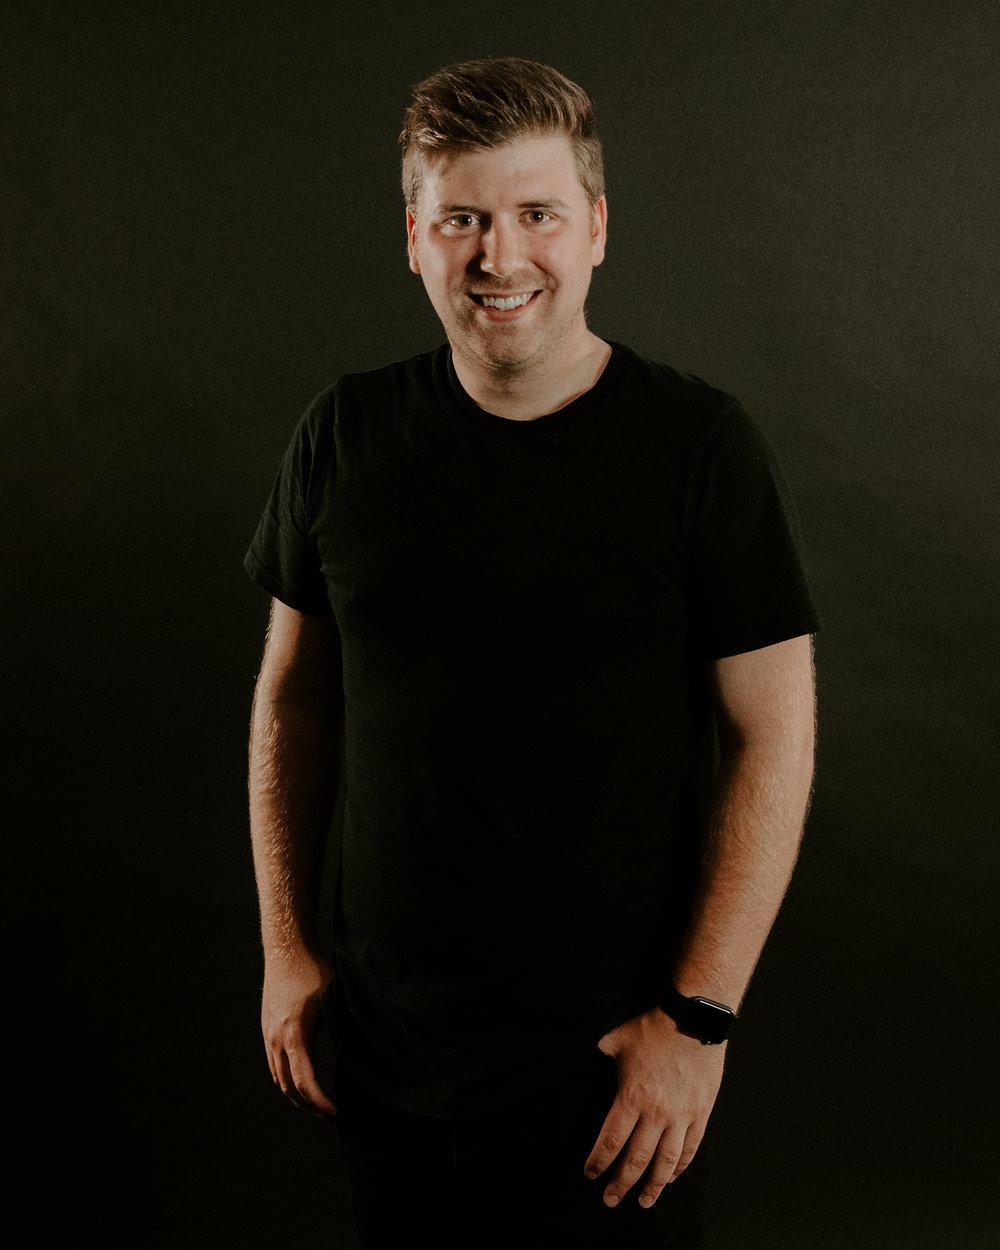 JOSH REXFORD – CREATIVE CONTENT DIRECTOR